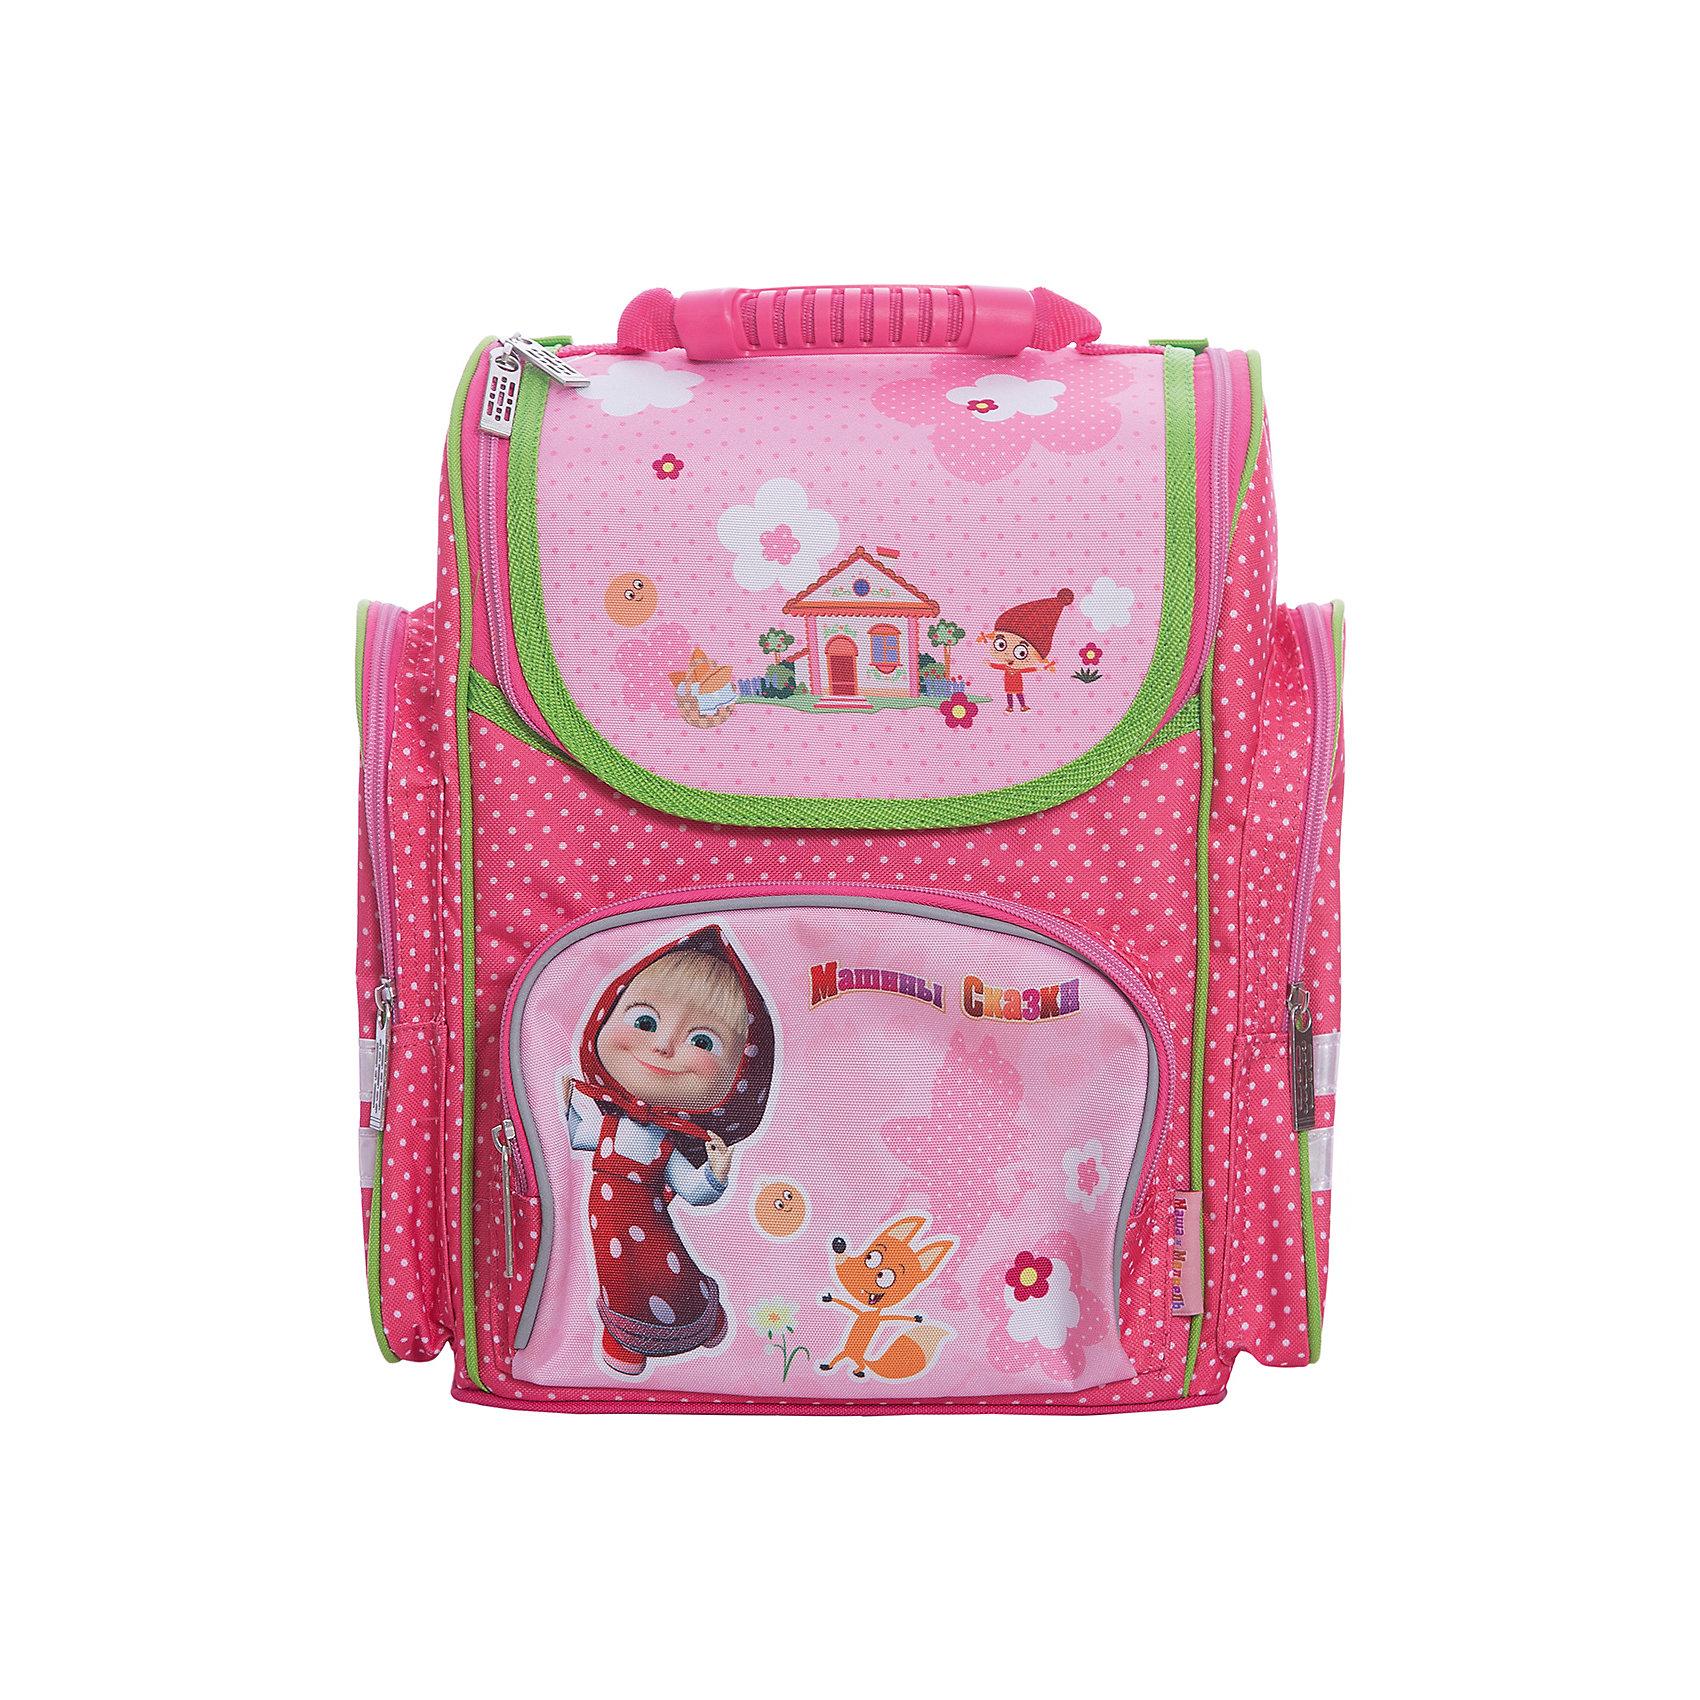 Ортопедический средний рюкзак Фантазия, Маша и МедведьМаша и Медведь<br>Ортопедический средний рюкзак «Маша и Медведь» идеален для учебы в школе. Он имеет одно основное отделение на молнии, подходящее для формата А4, с двумя отсеками для тетрадей и прозрачным кармашком для личной карточки. Спереди находится карман на молнии, вмещающий пенал, а по бокам – два кармана на молнии высотой 24 см. Удобная ортопедическая спинка, созданная по специальной технологии из дышащего плотного и мягкого поролона, равномерно распределяет нагрузку на позвоночник. Мягкие анатомические регулируемые лямки оберегают плечи ребенка от натирания. Светоотражающие элементы, расположенные на лямках и лицевом кармане, повышают безопасность ребенка на дороге в темное время суток. Пластиковая ручка удобна для переноски рюкзака в руке или размещения на вешалке. <br>Аксессуар декорирован модным принтом (сублимированной печатью). <br><br>Дополнительная информация:<br><br>Размер: 31х29х15 см.<br>Вес: 820 г.<br><br>Ортопедический средний рюкзак Фантазия, Маша и Медведь можно купить в нашем магазине.<br><br>Ширина мм: 350<br>Глубина мм: 290<br>Высота мм: 180<br>Вес г: 820<br>Возраст от месяцев: 36<br>Возраст до месяцев: 120<br>Пол: Женский<br>Возраст: Детский<br>SKU: 4646735